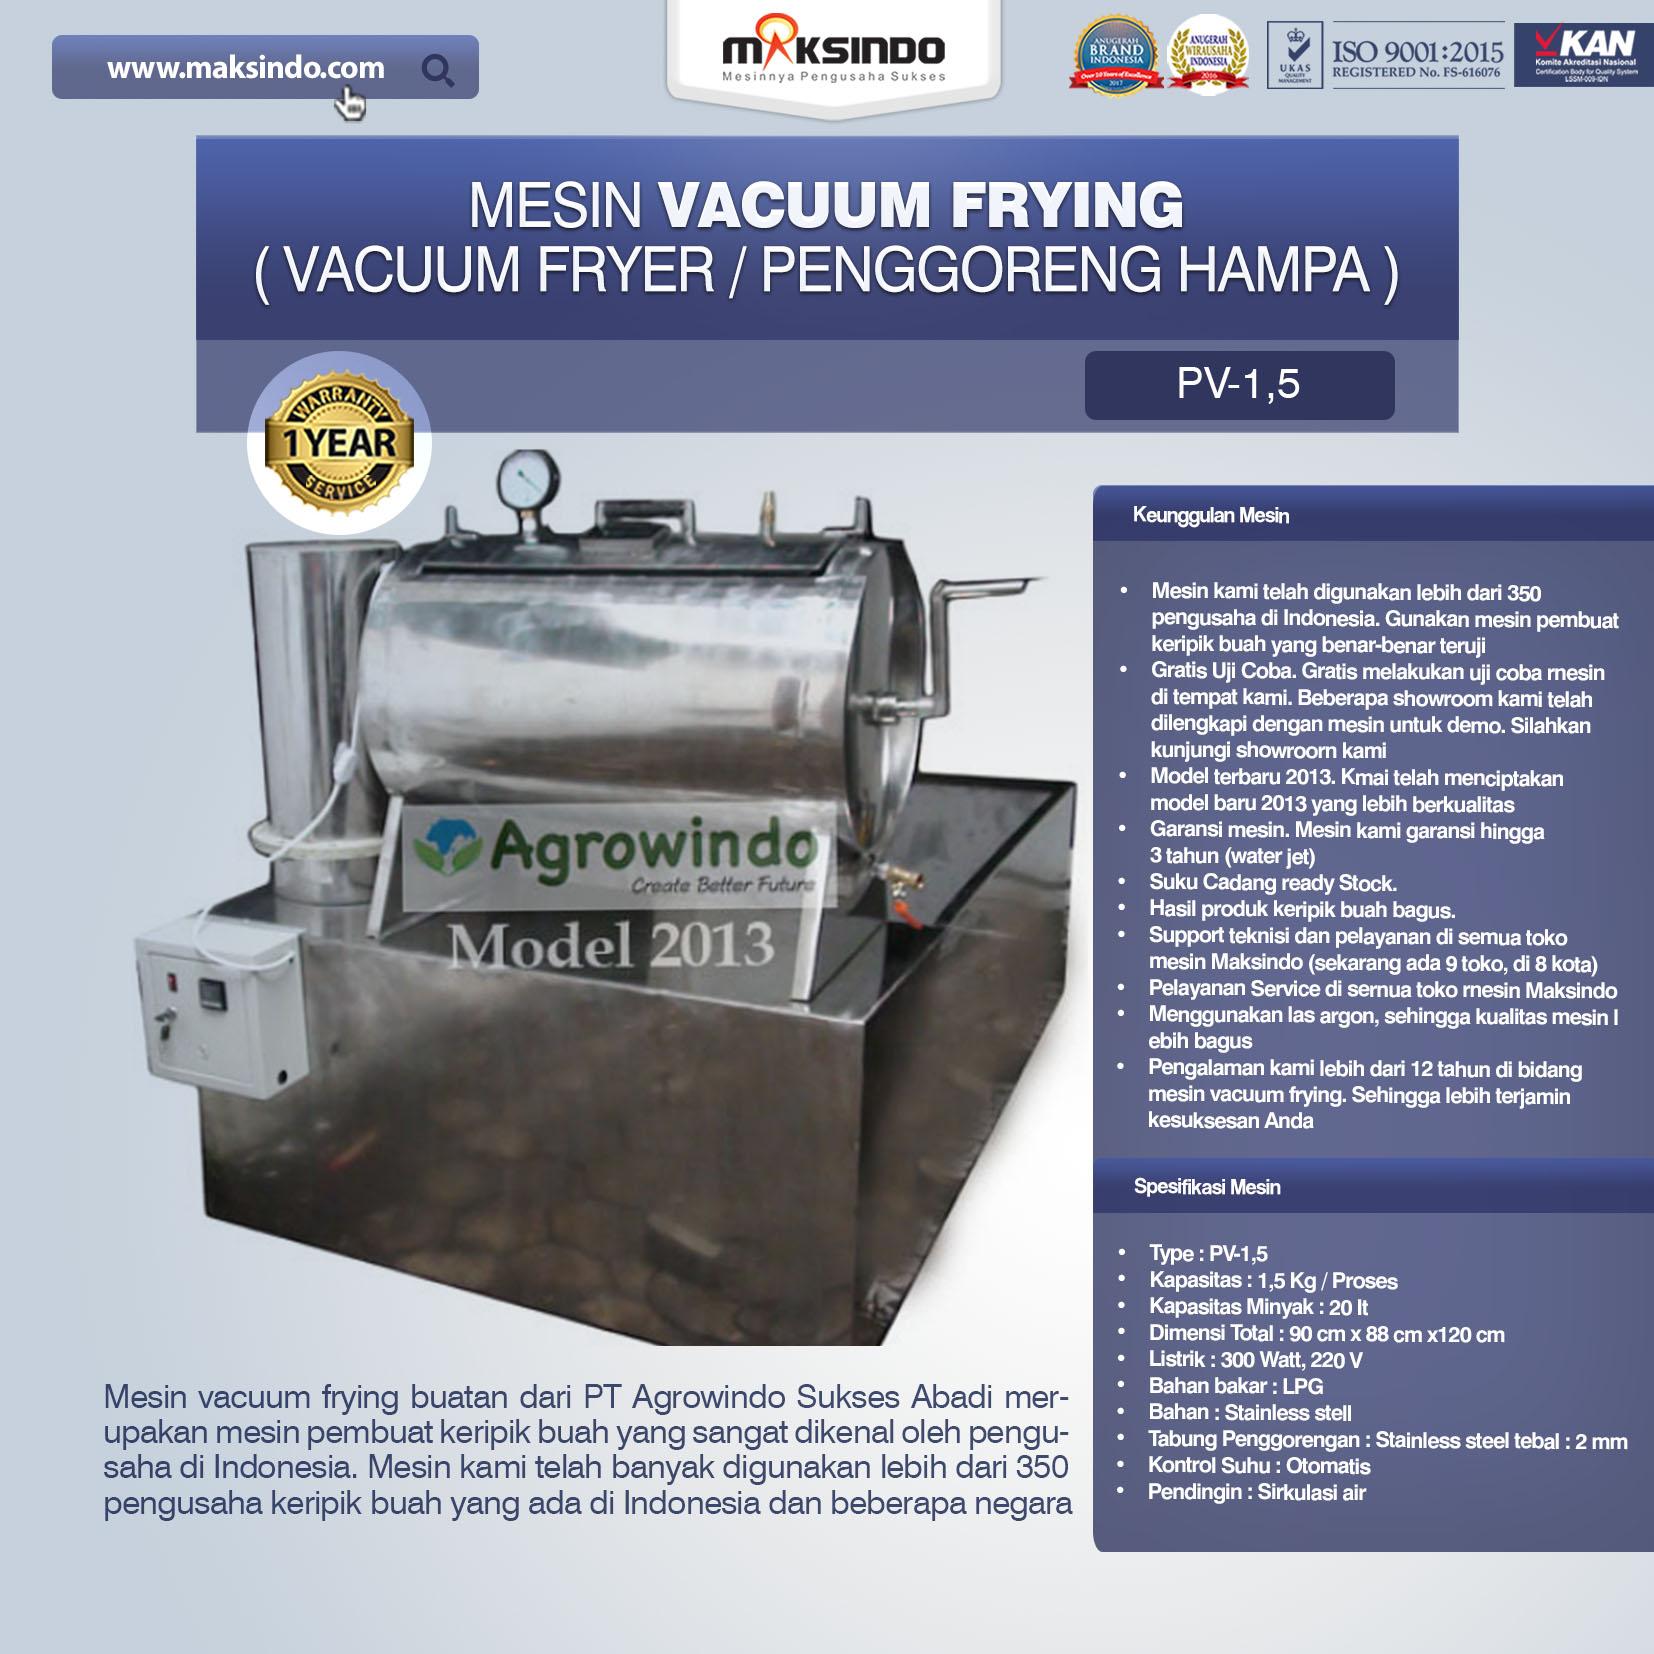 Jual Mesin Vacuum Frying Kapasitas 1.5 kg di Semarang